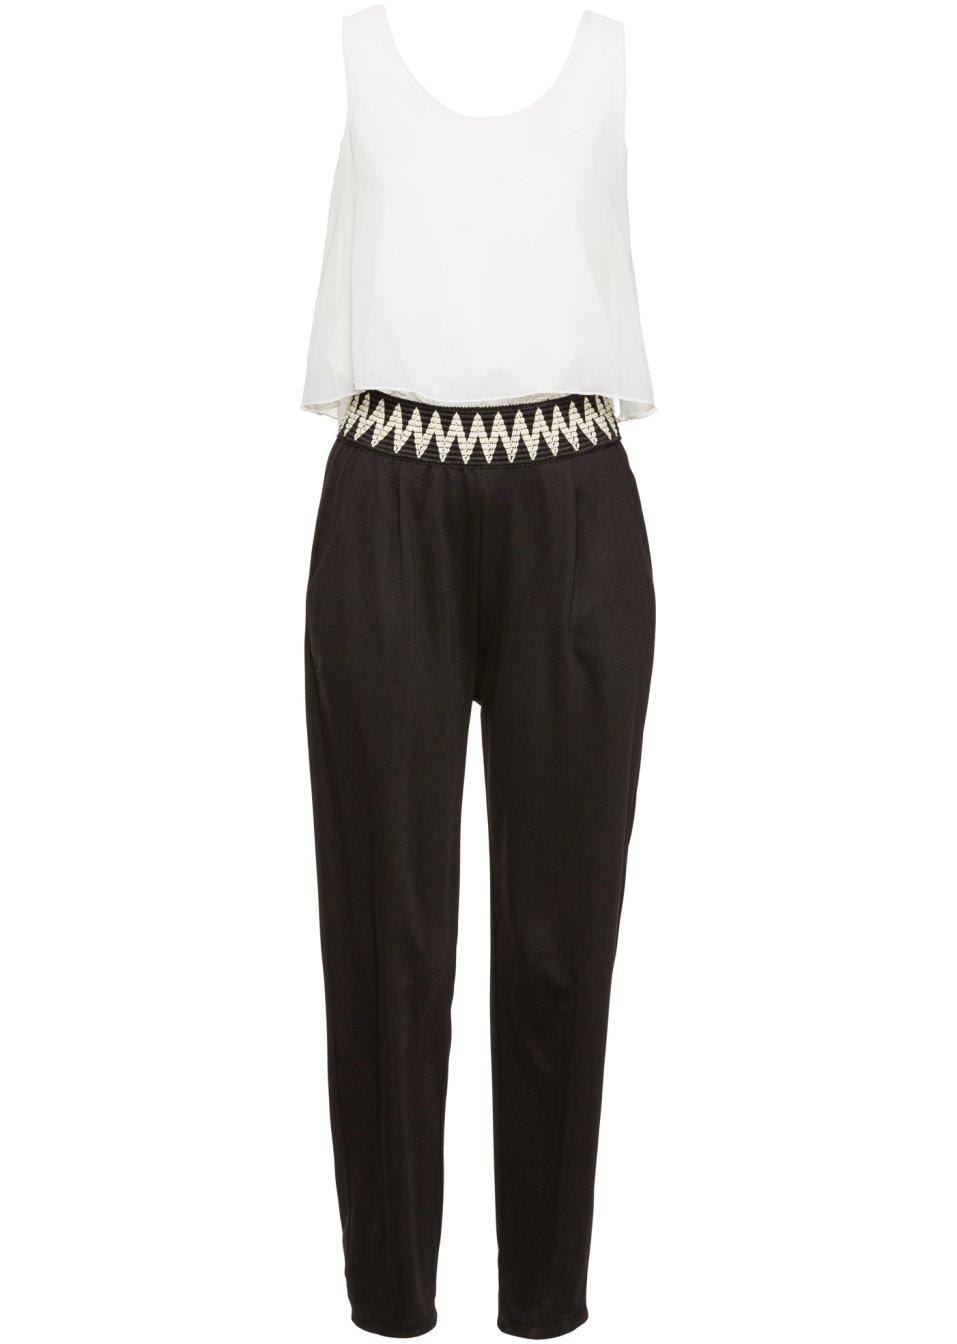 rmelloser jumpsuit mit stickerei und elastischem bund. Black Bedroom Furniture Sets. Home Design Ideas